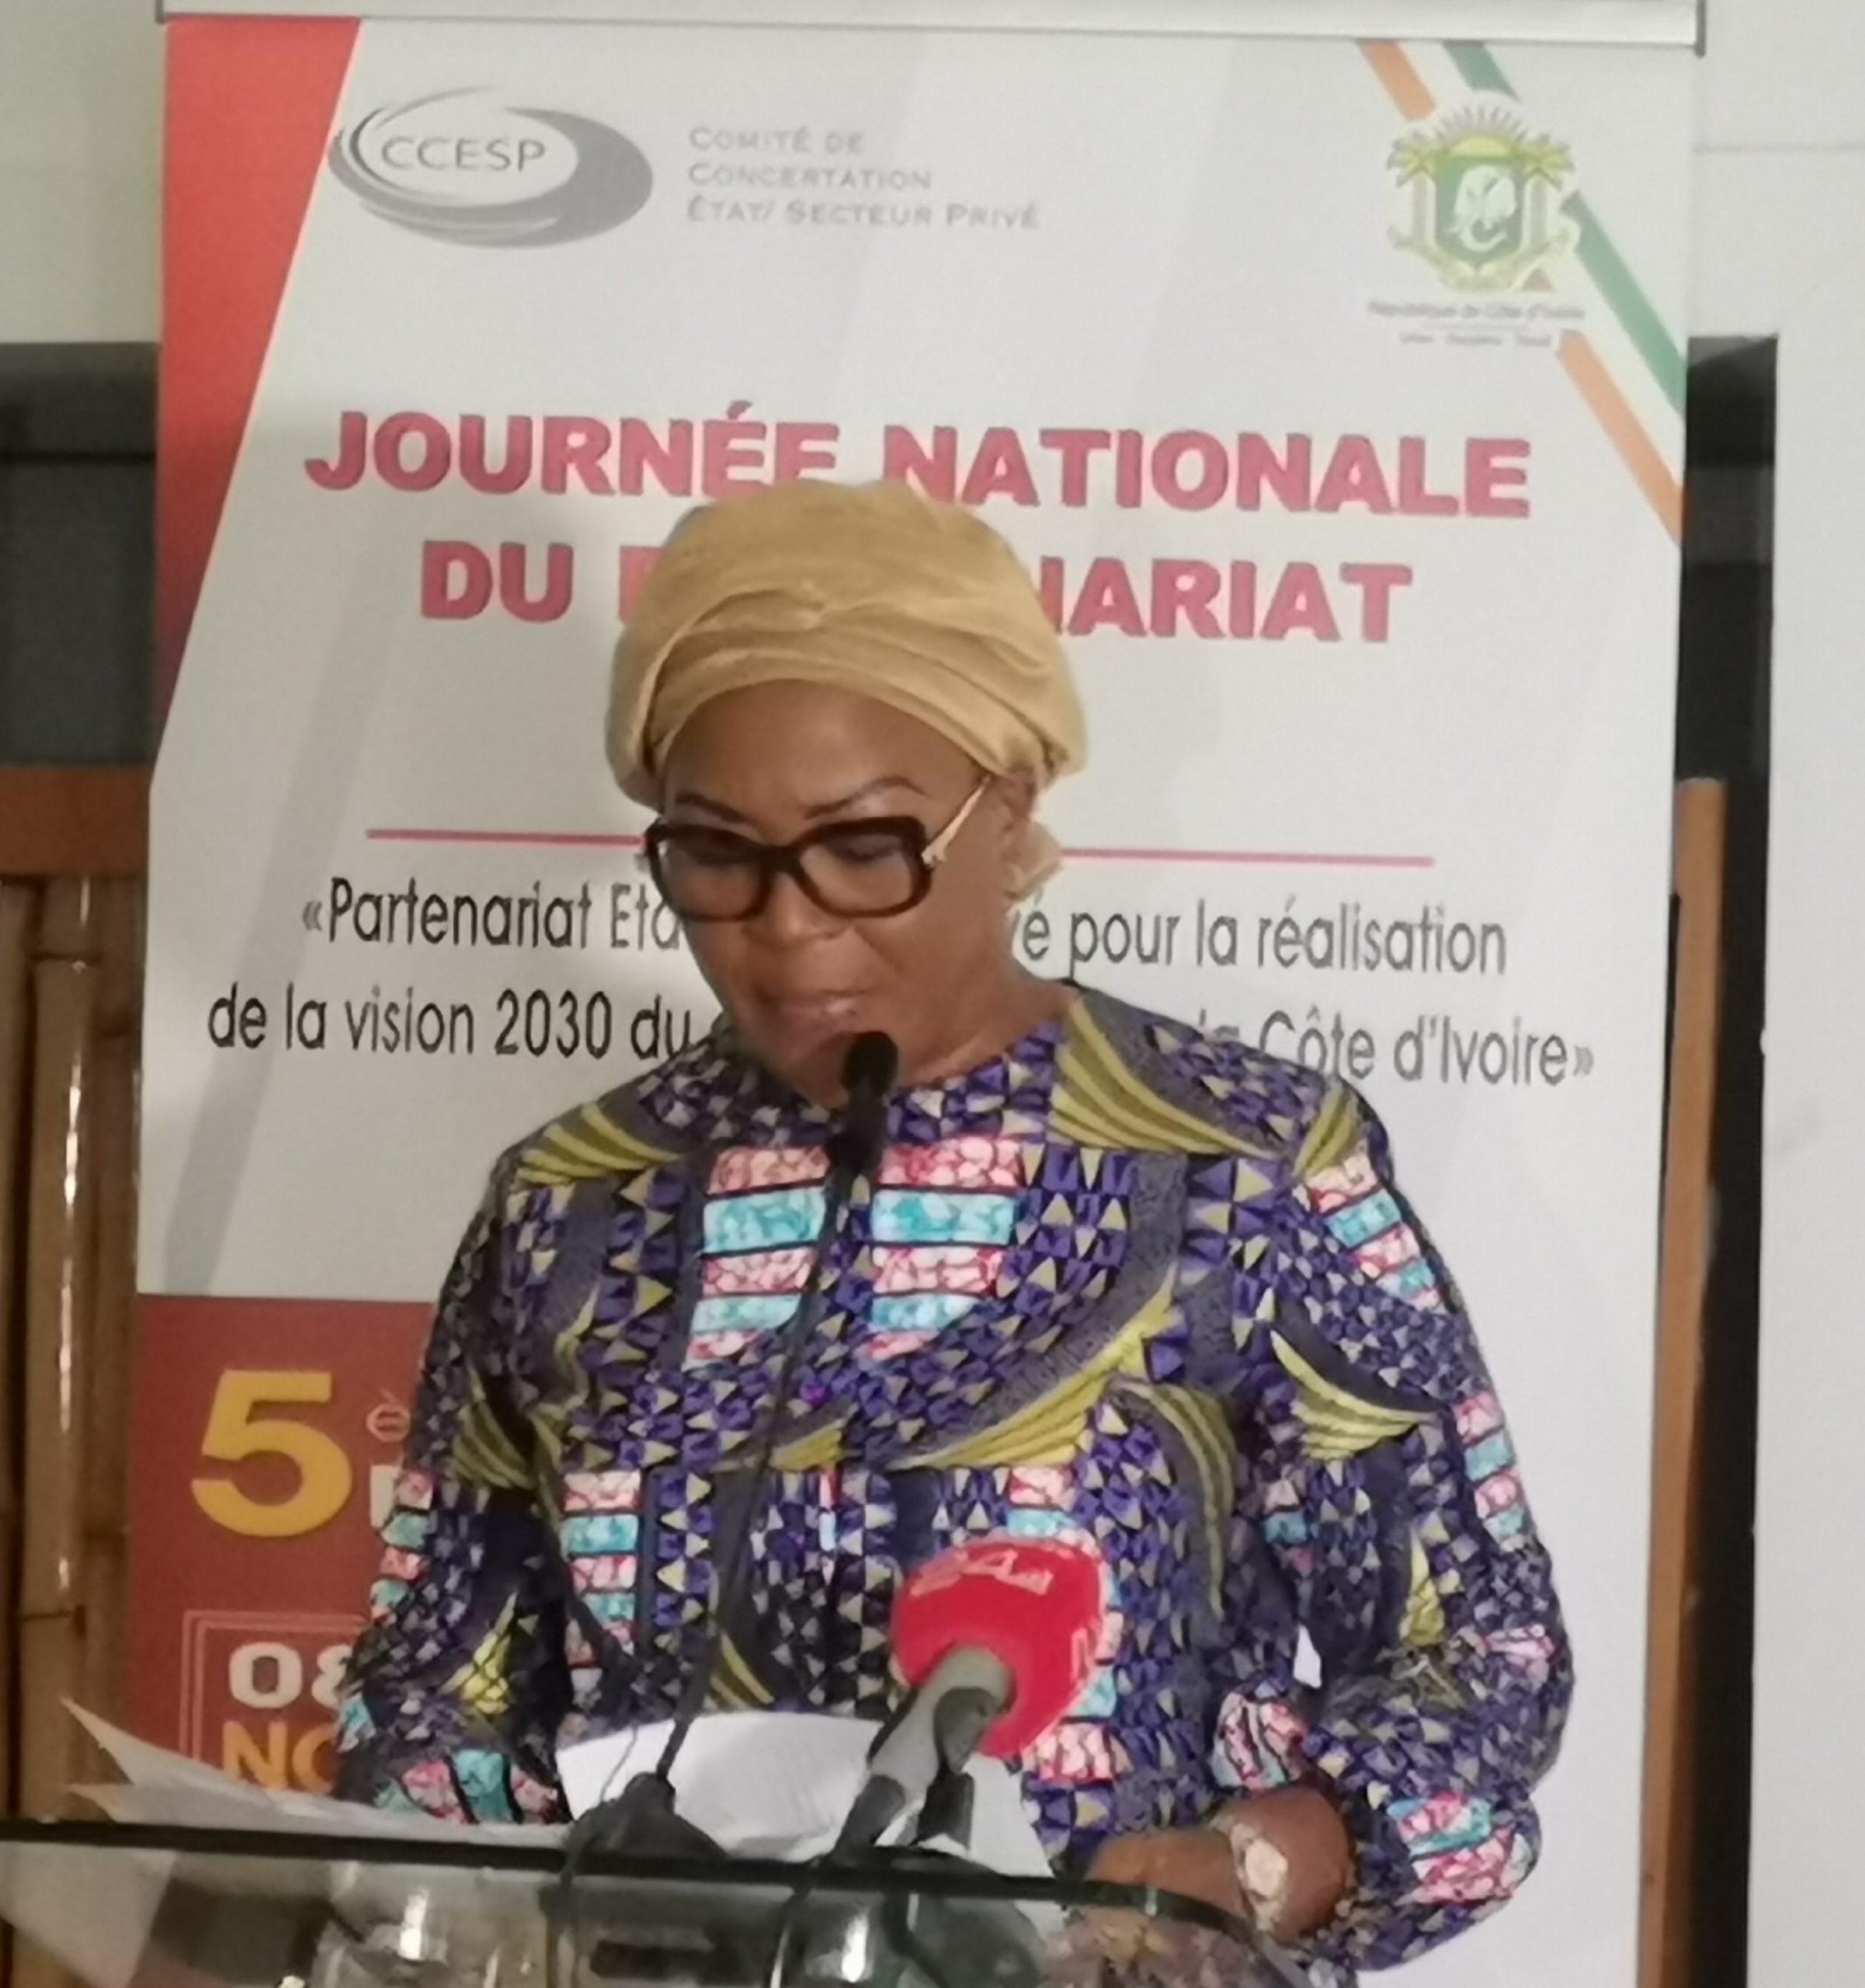 JNP2021:Lancement Officiel de la Cinquième édition de la Journée du Partenariat entre l'Etat et le secteur Privé.